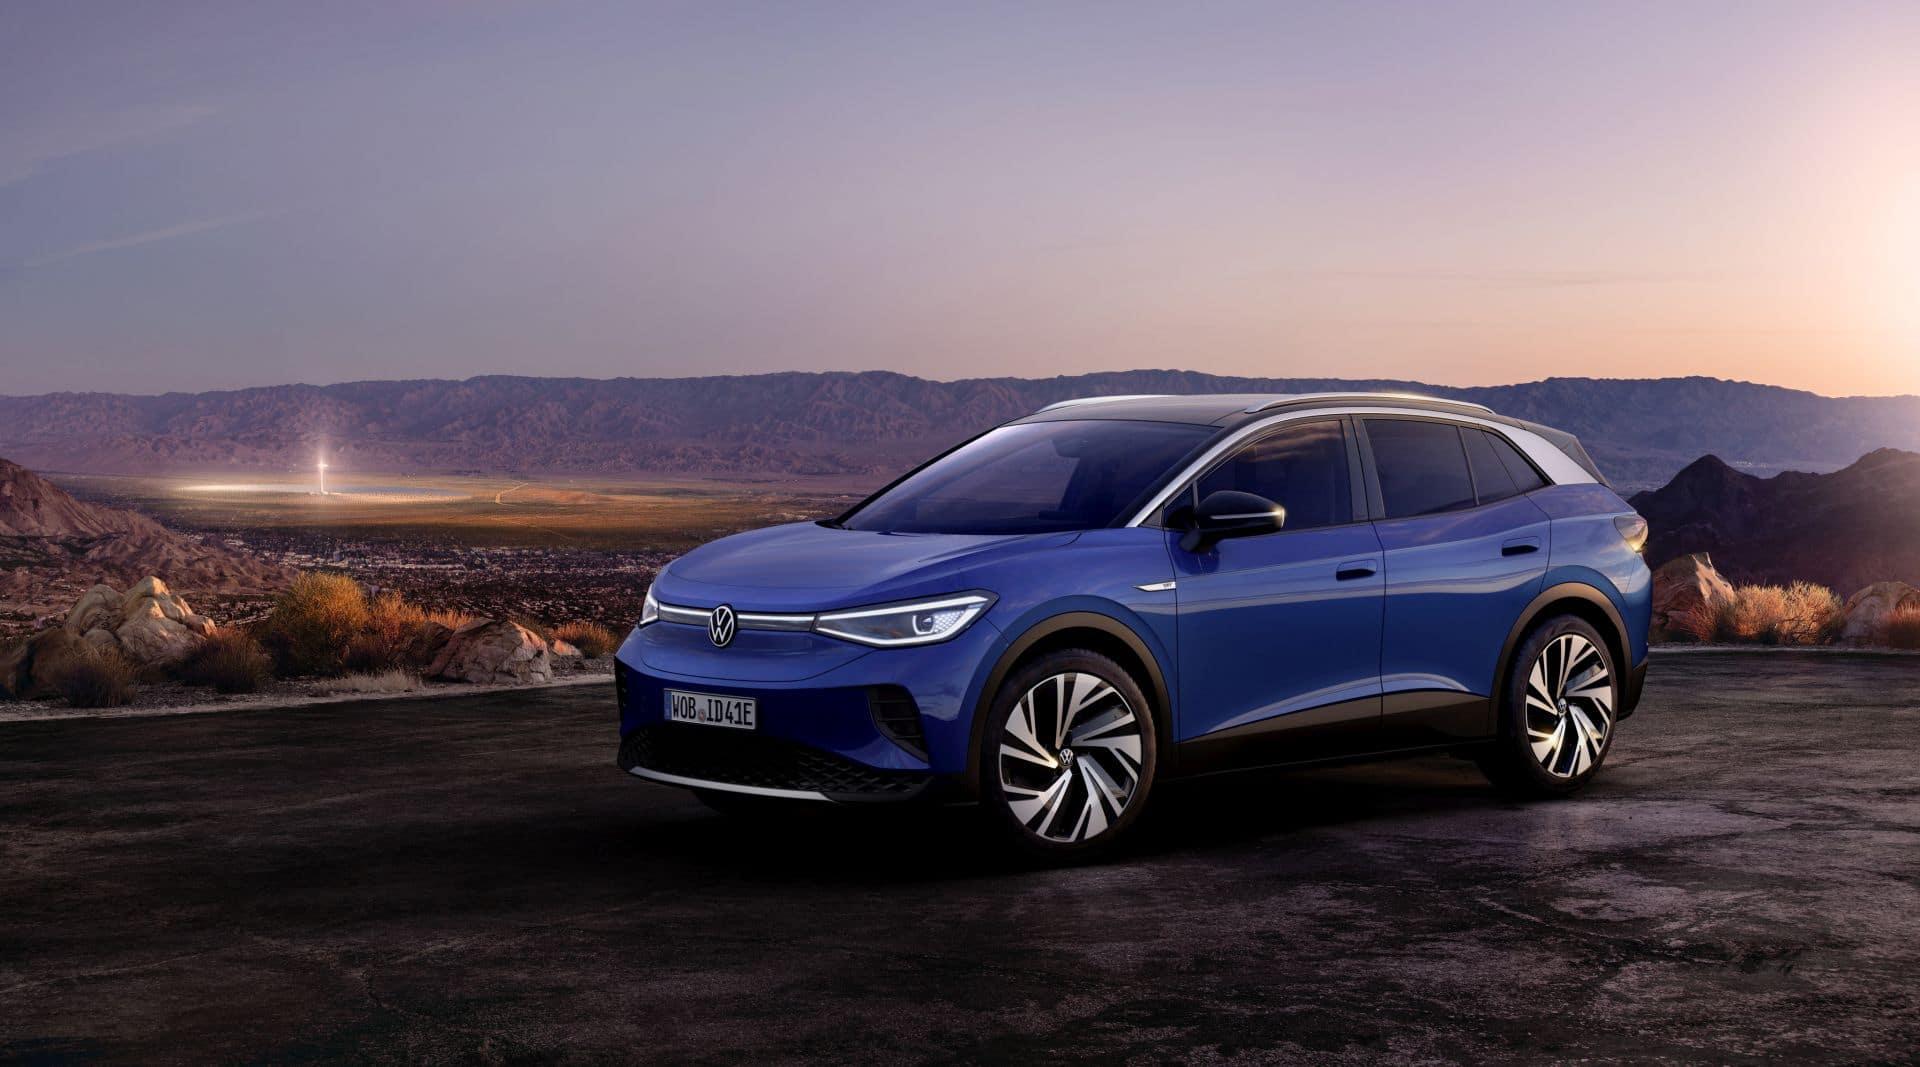 VW verdreifacht Auslieferungen vollelektrischer Fahrzeuge in 2020